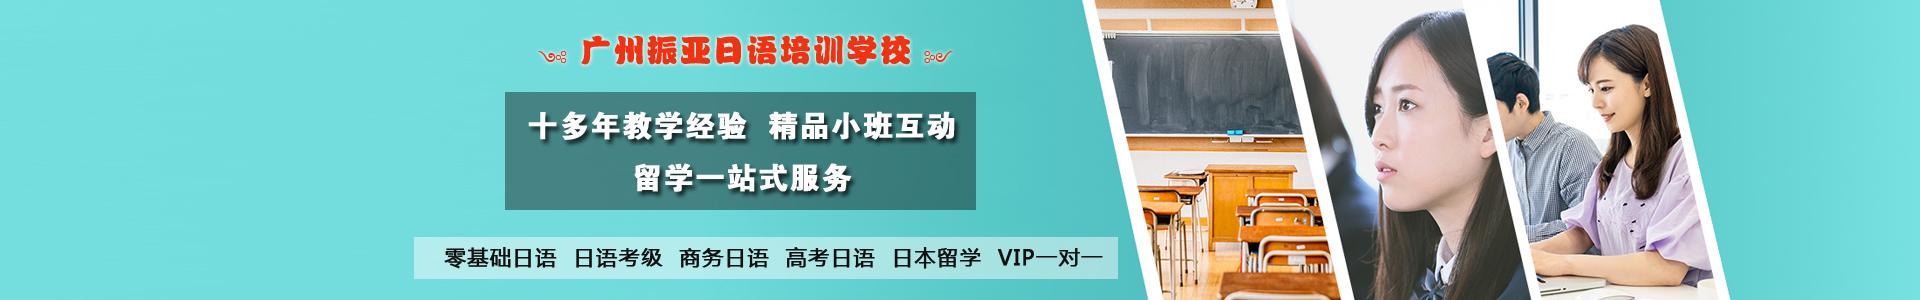 广州振亚日语培训学校